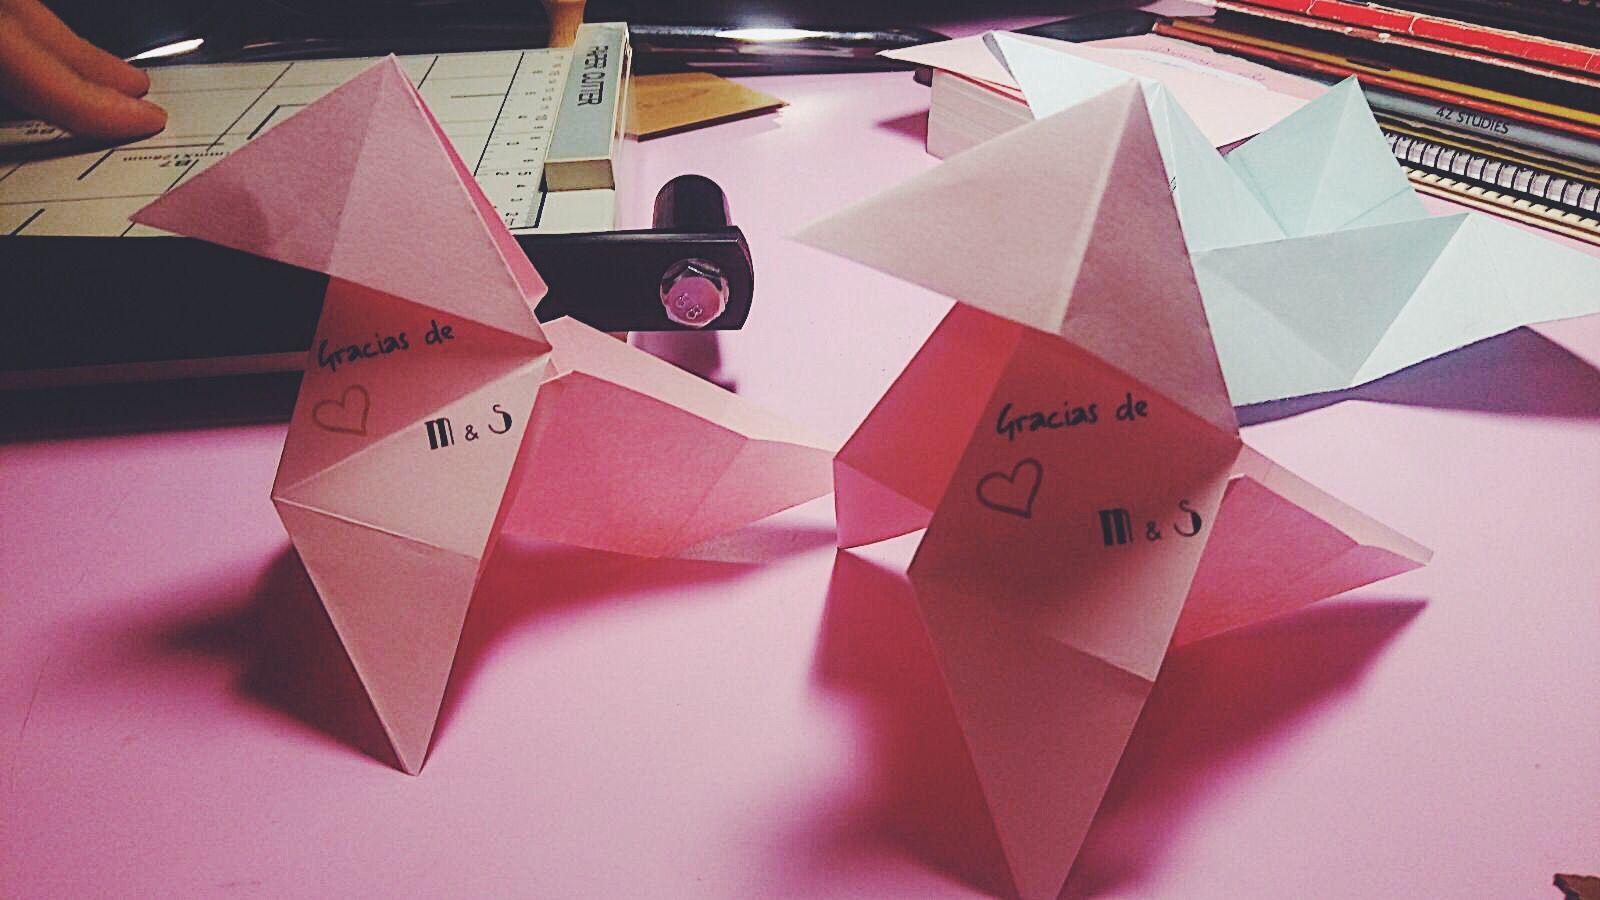 Tarjetas De Agradecimiento Gift Wrapping Gifts Diy